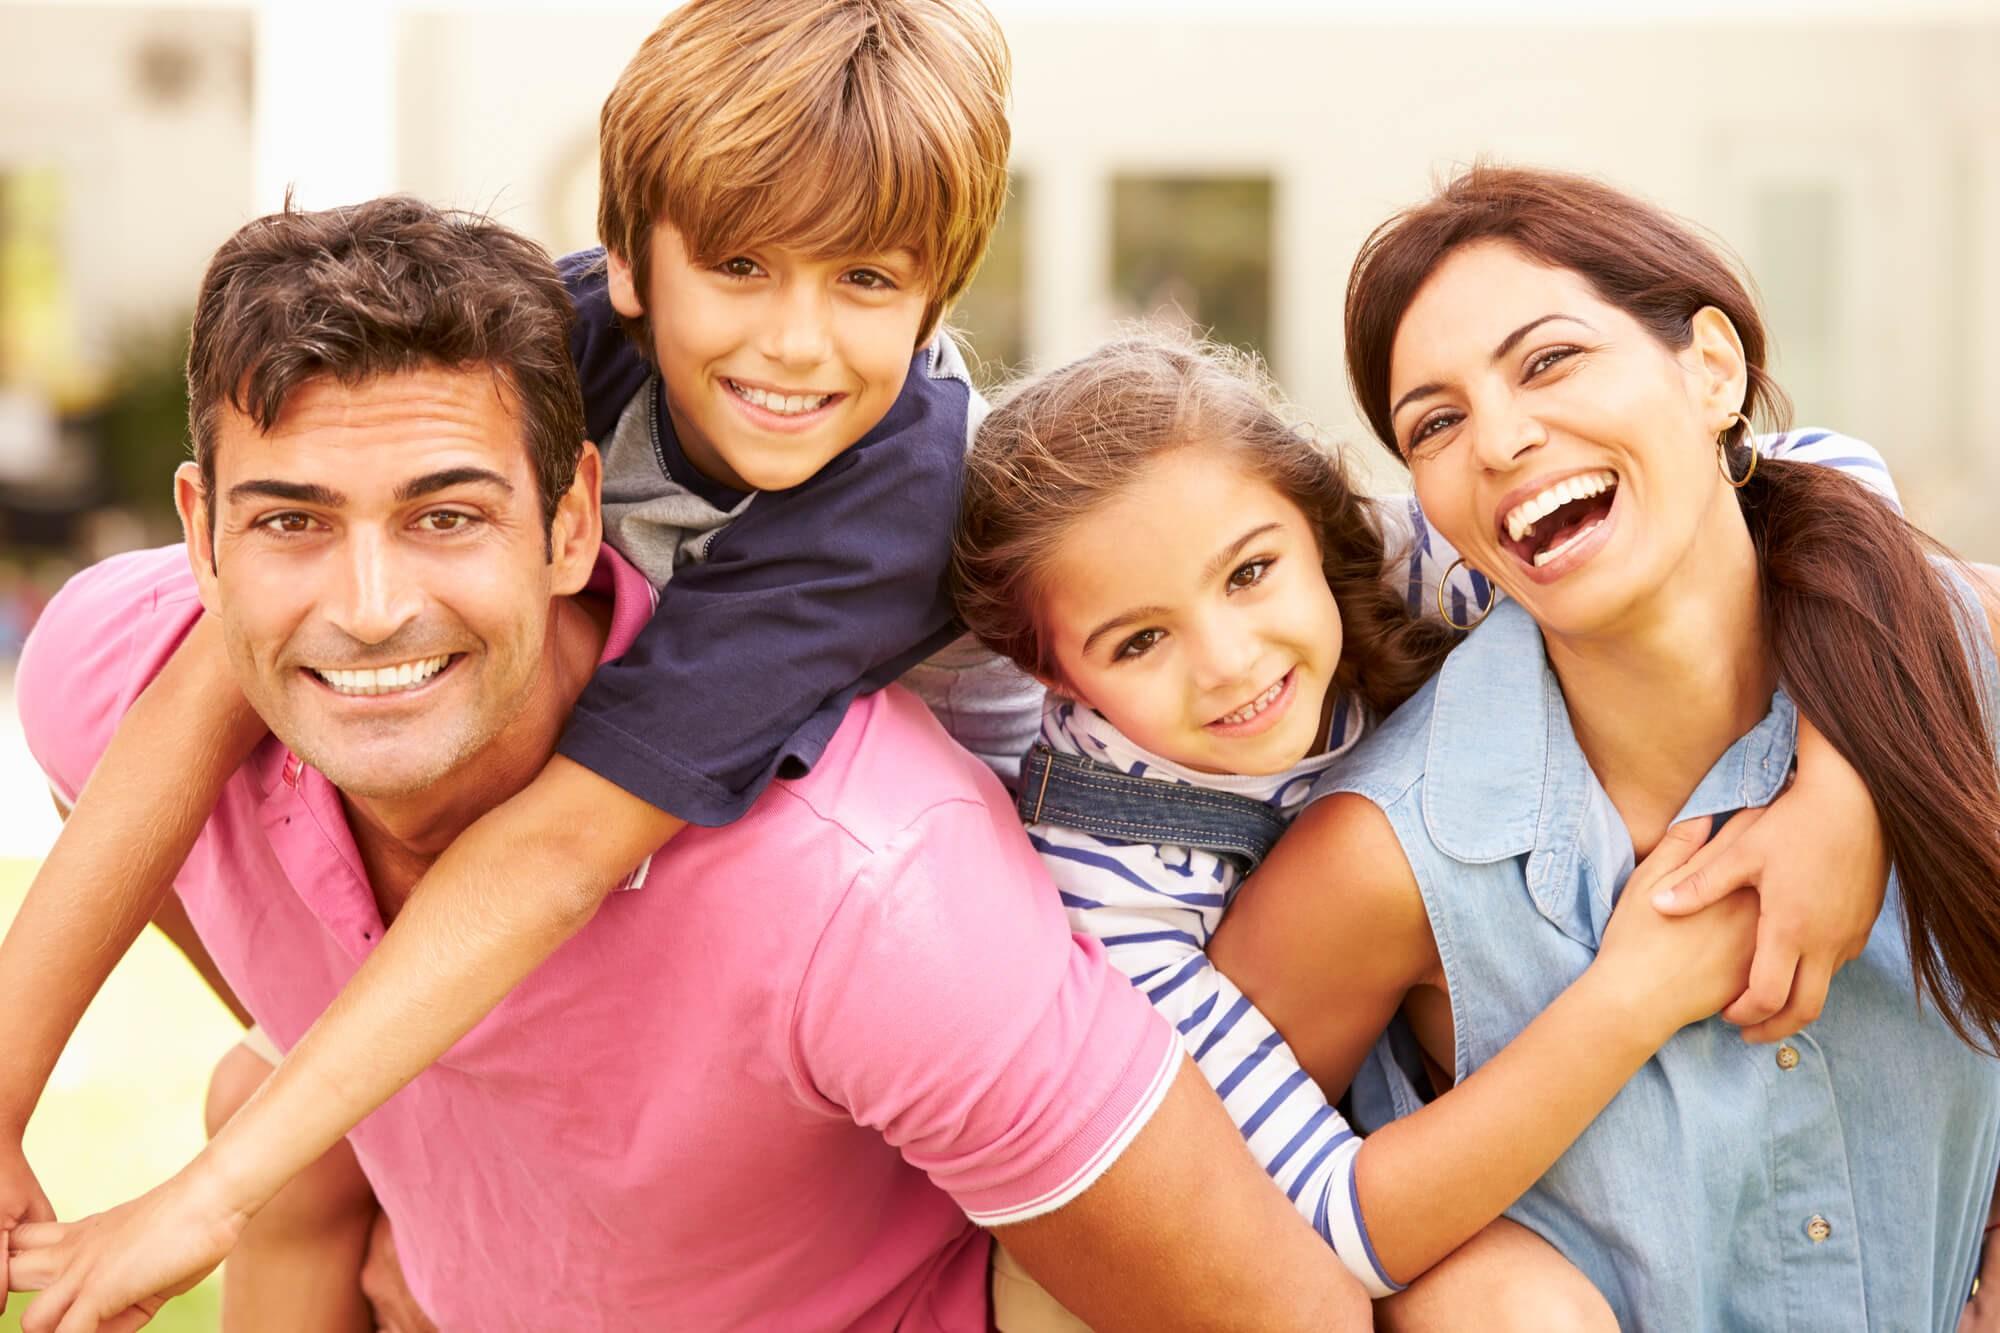 Những điều nên trải nghiệm trong năm mới để có một tuổi trẻ thực sự ý nghĩa - Ảnh 3.